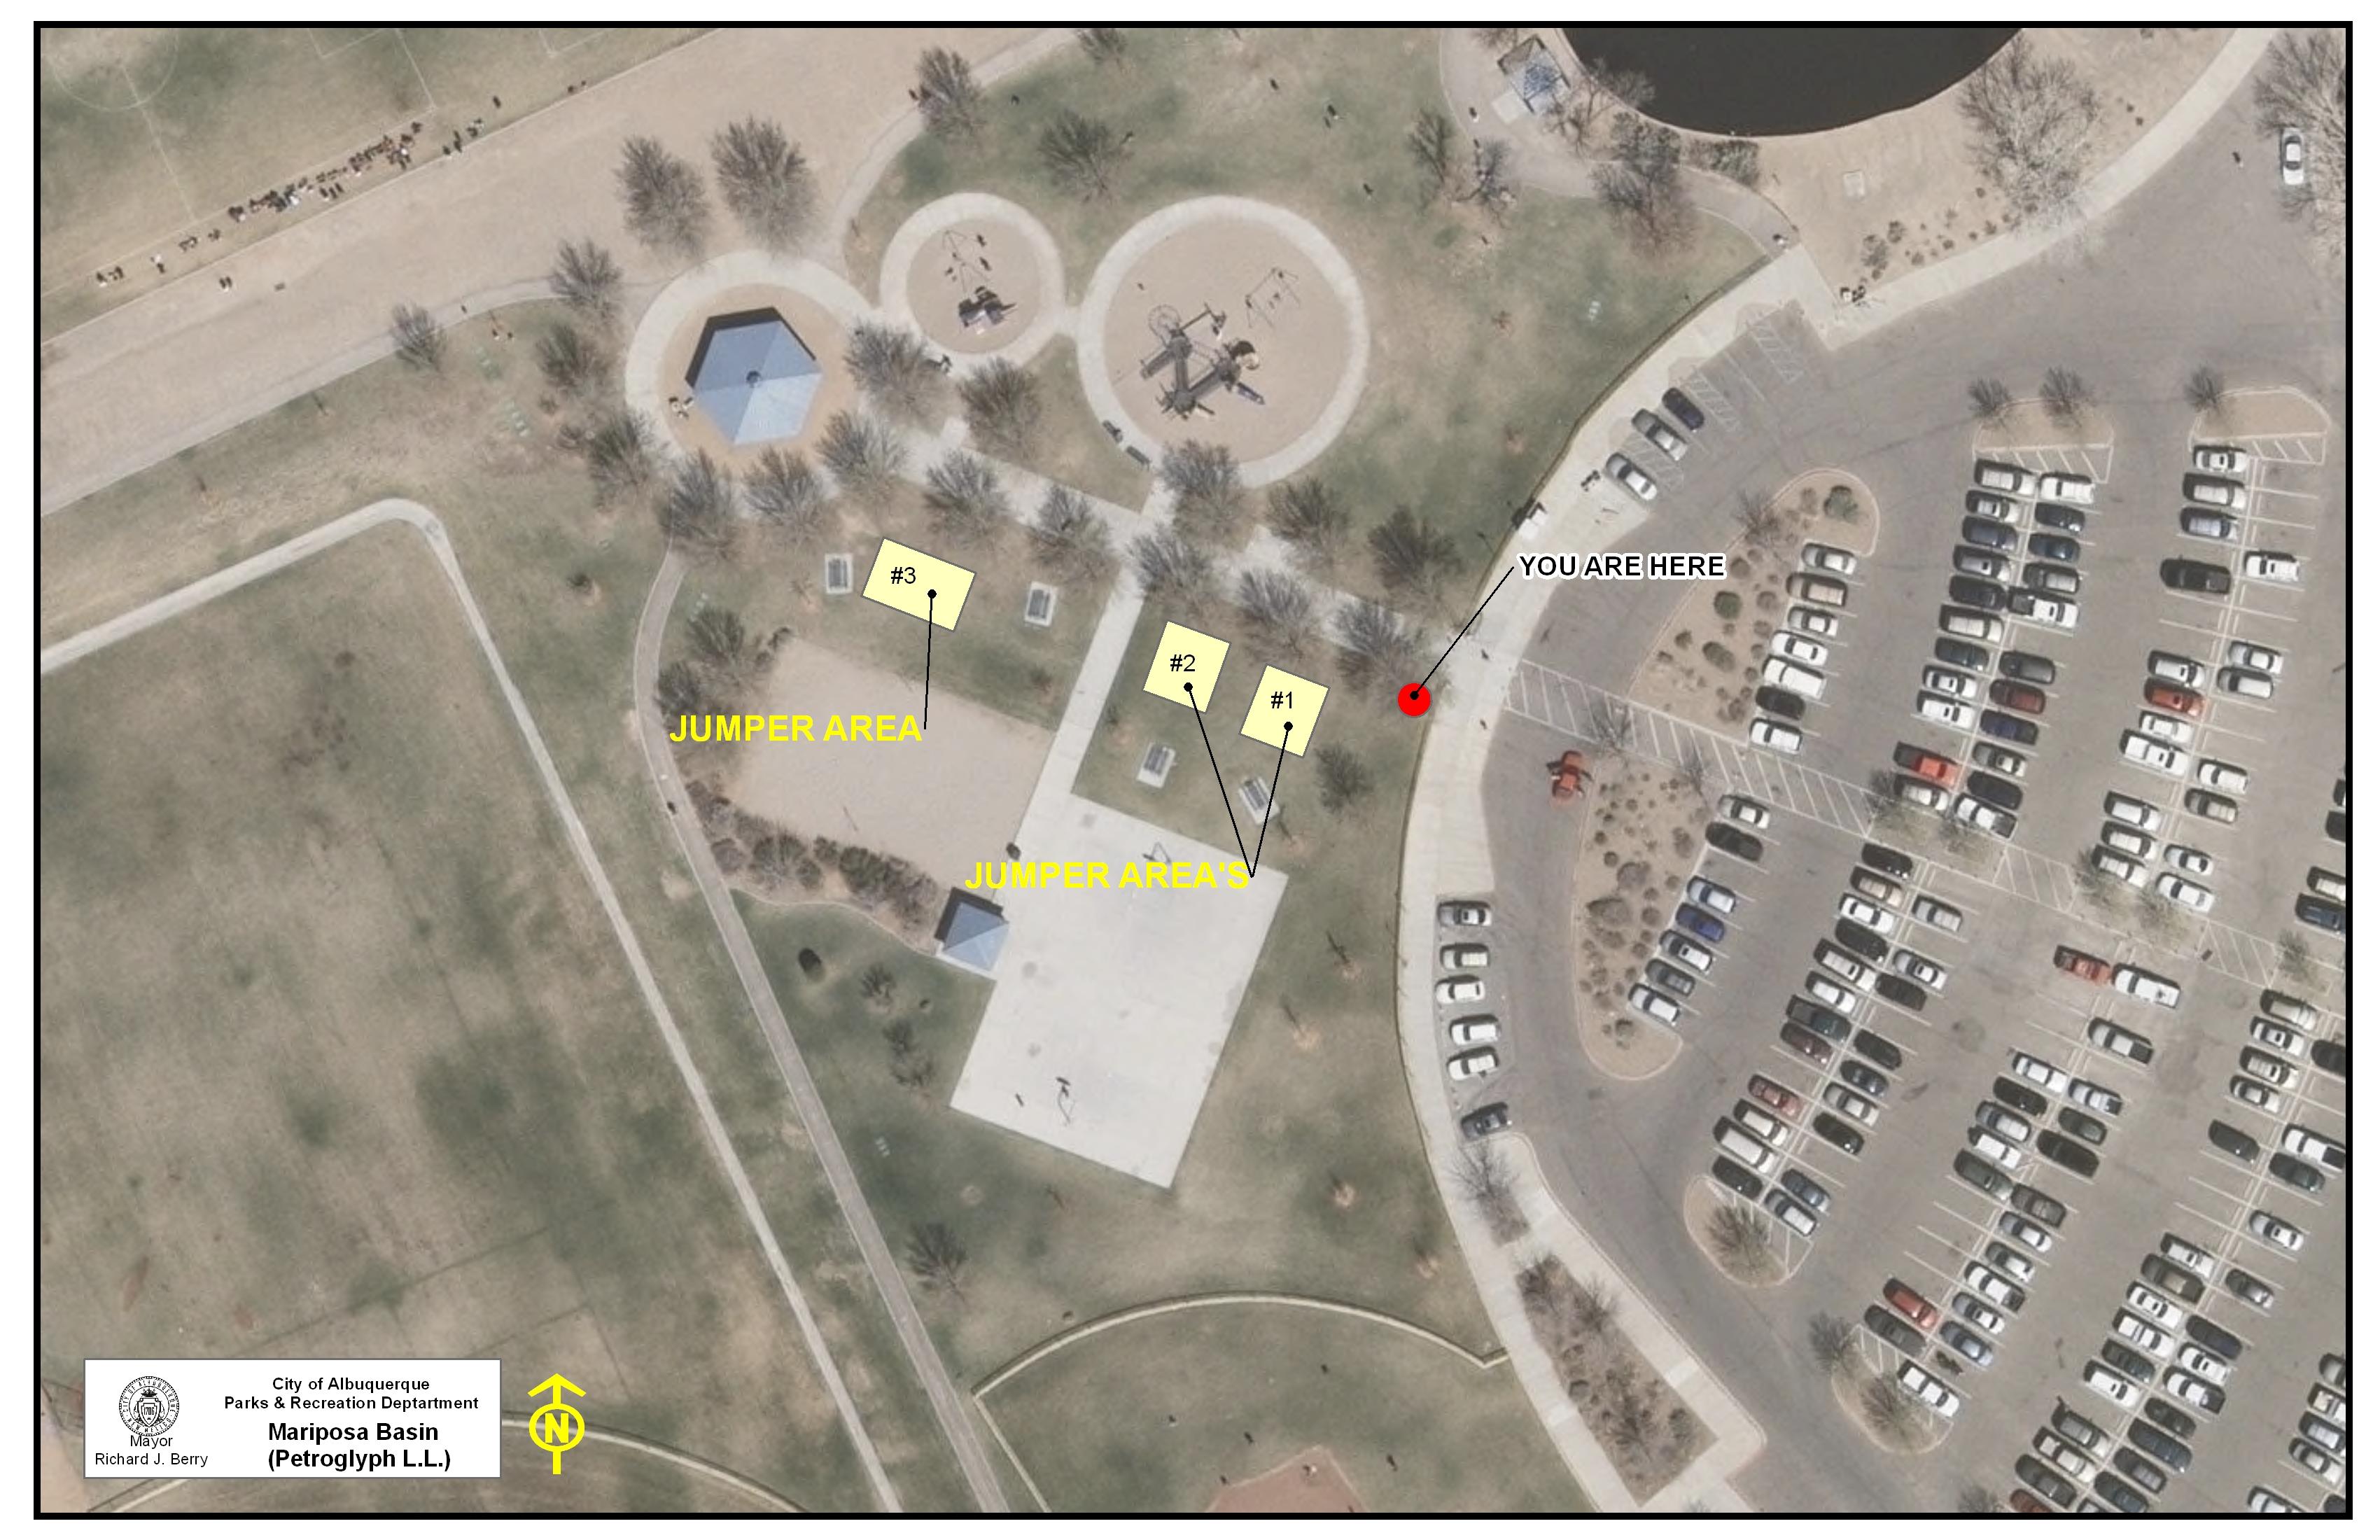 Mariposa Basin Park Jumper Map